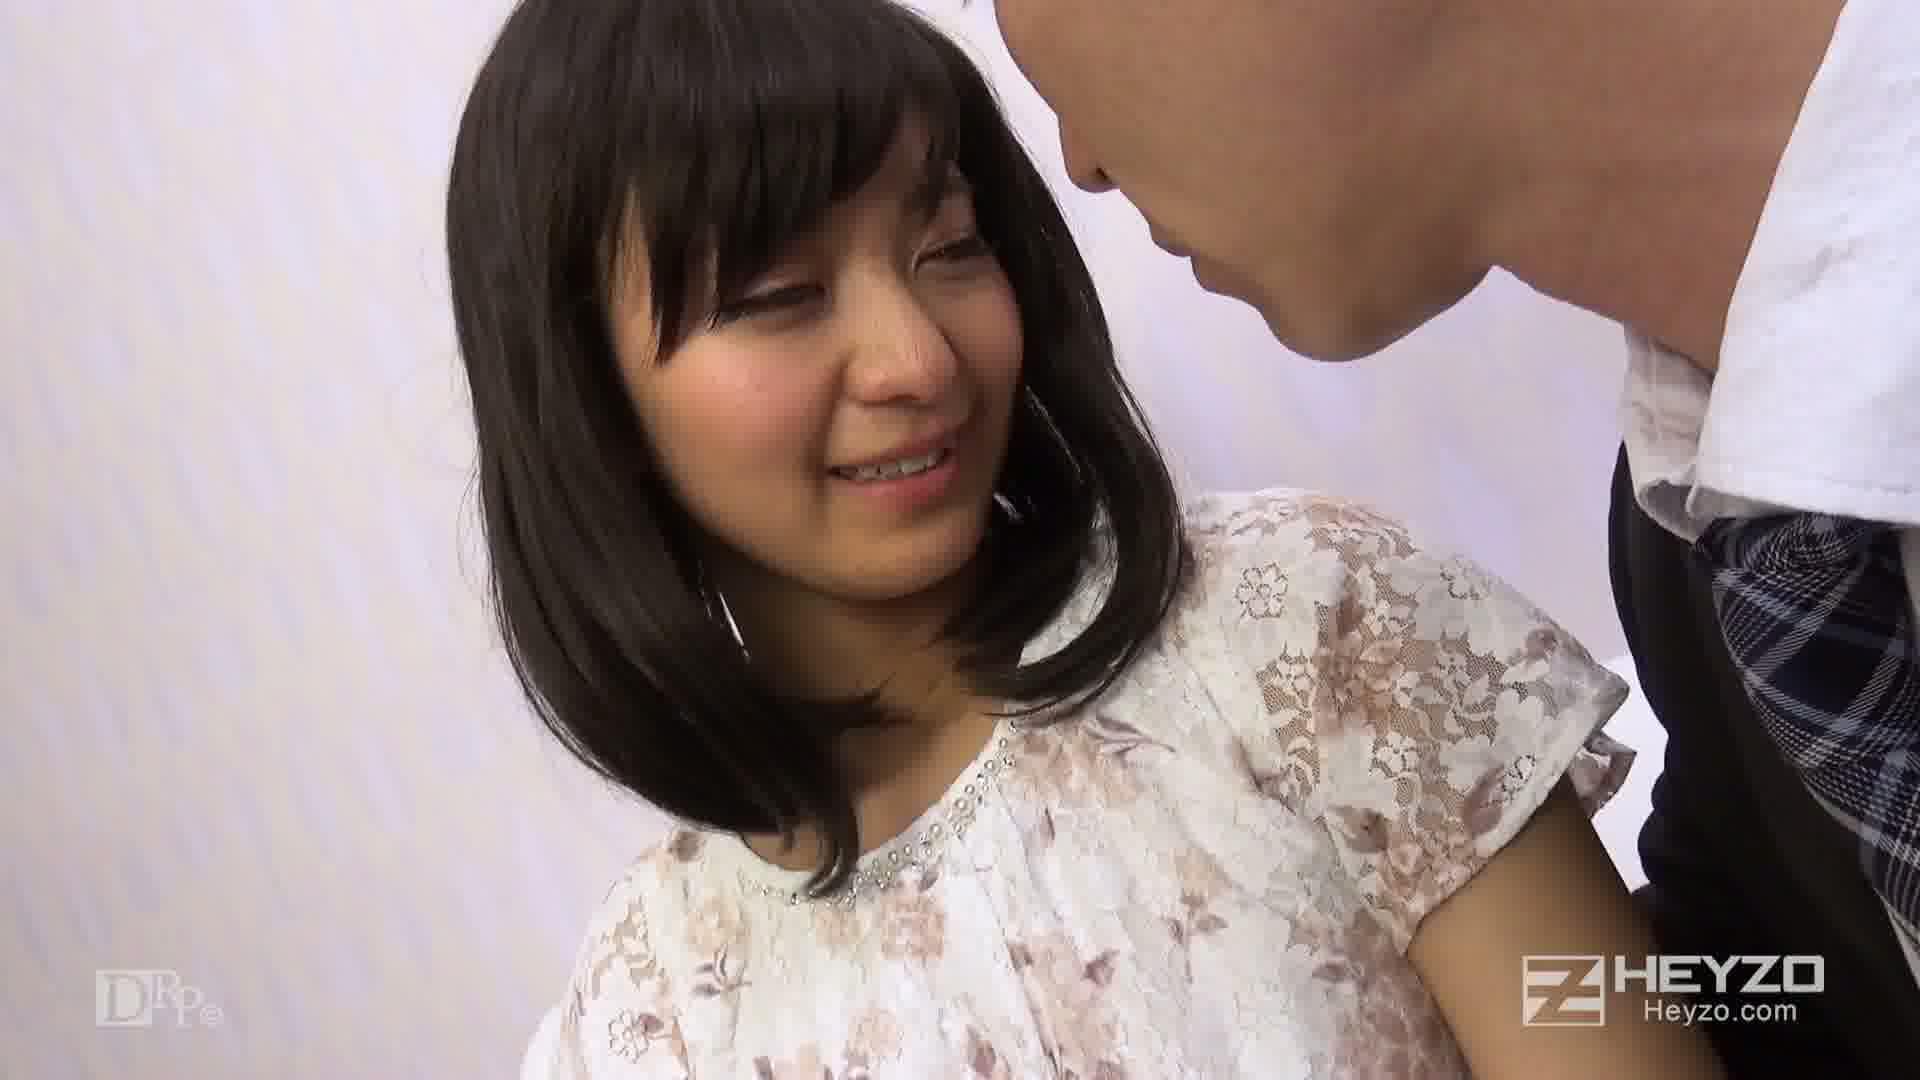 結婚前夜にハメを外してハメハメ - 広瀬優希【バック 立ちバック 正常位 中だし 前戯】